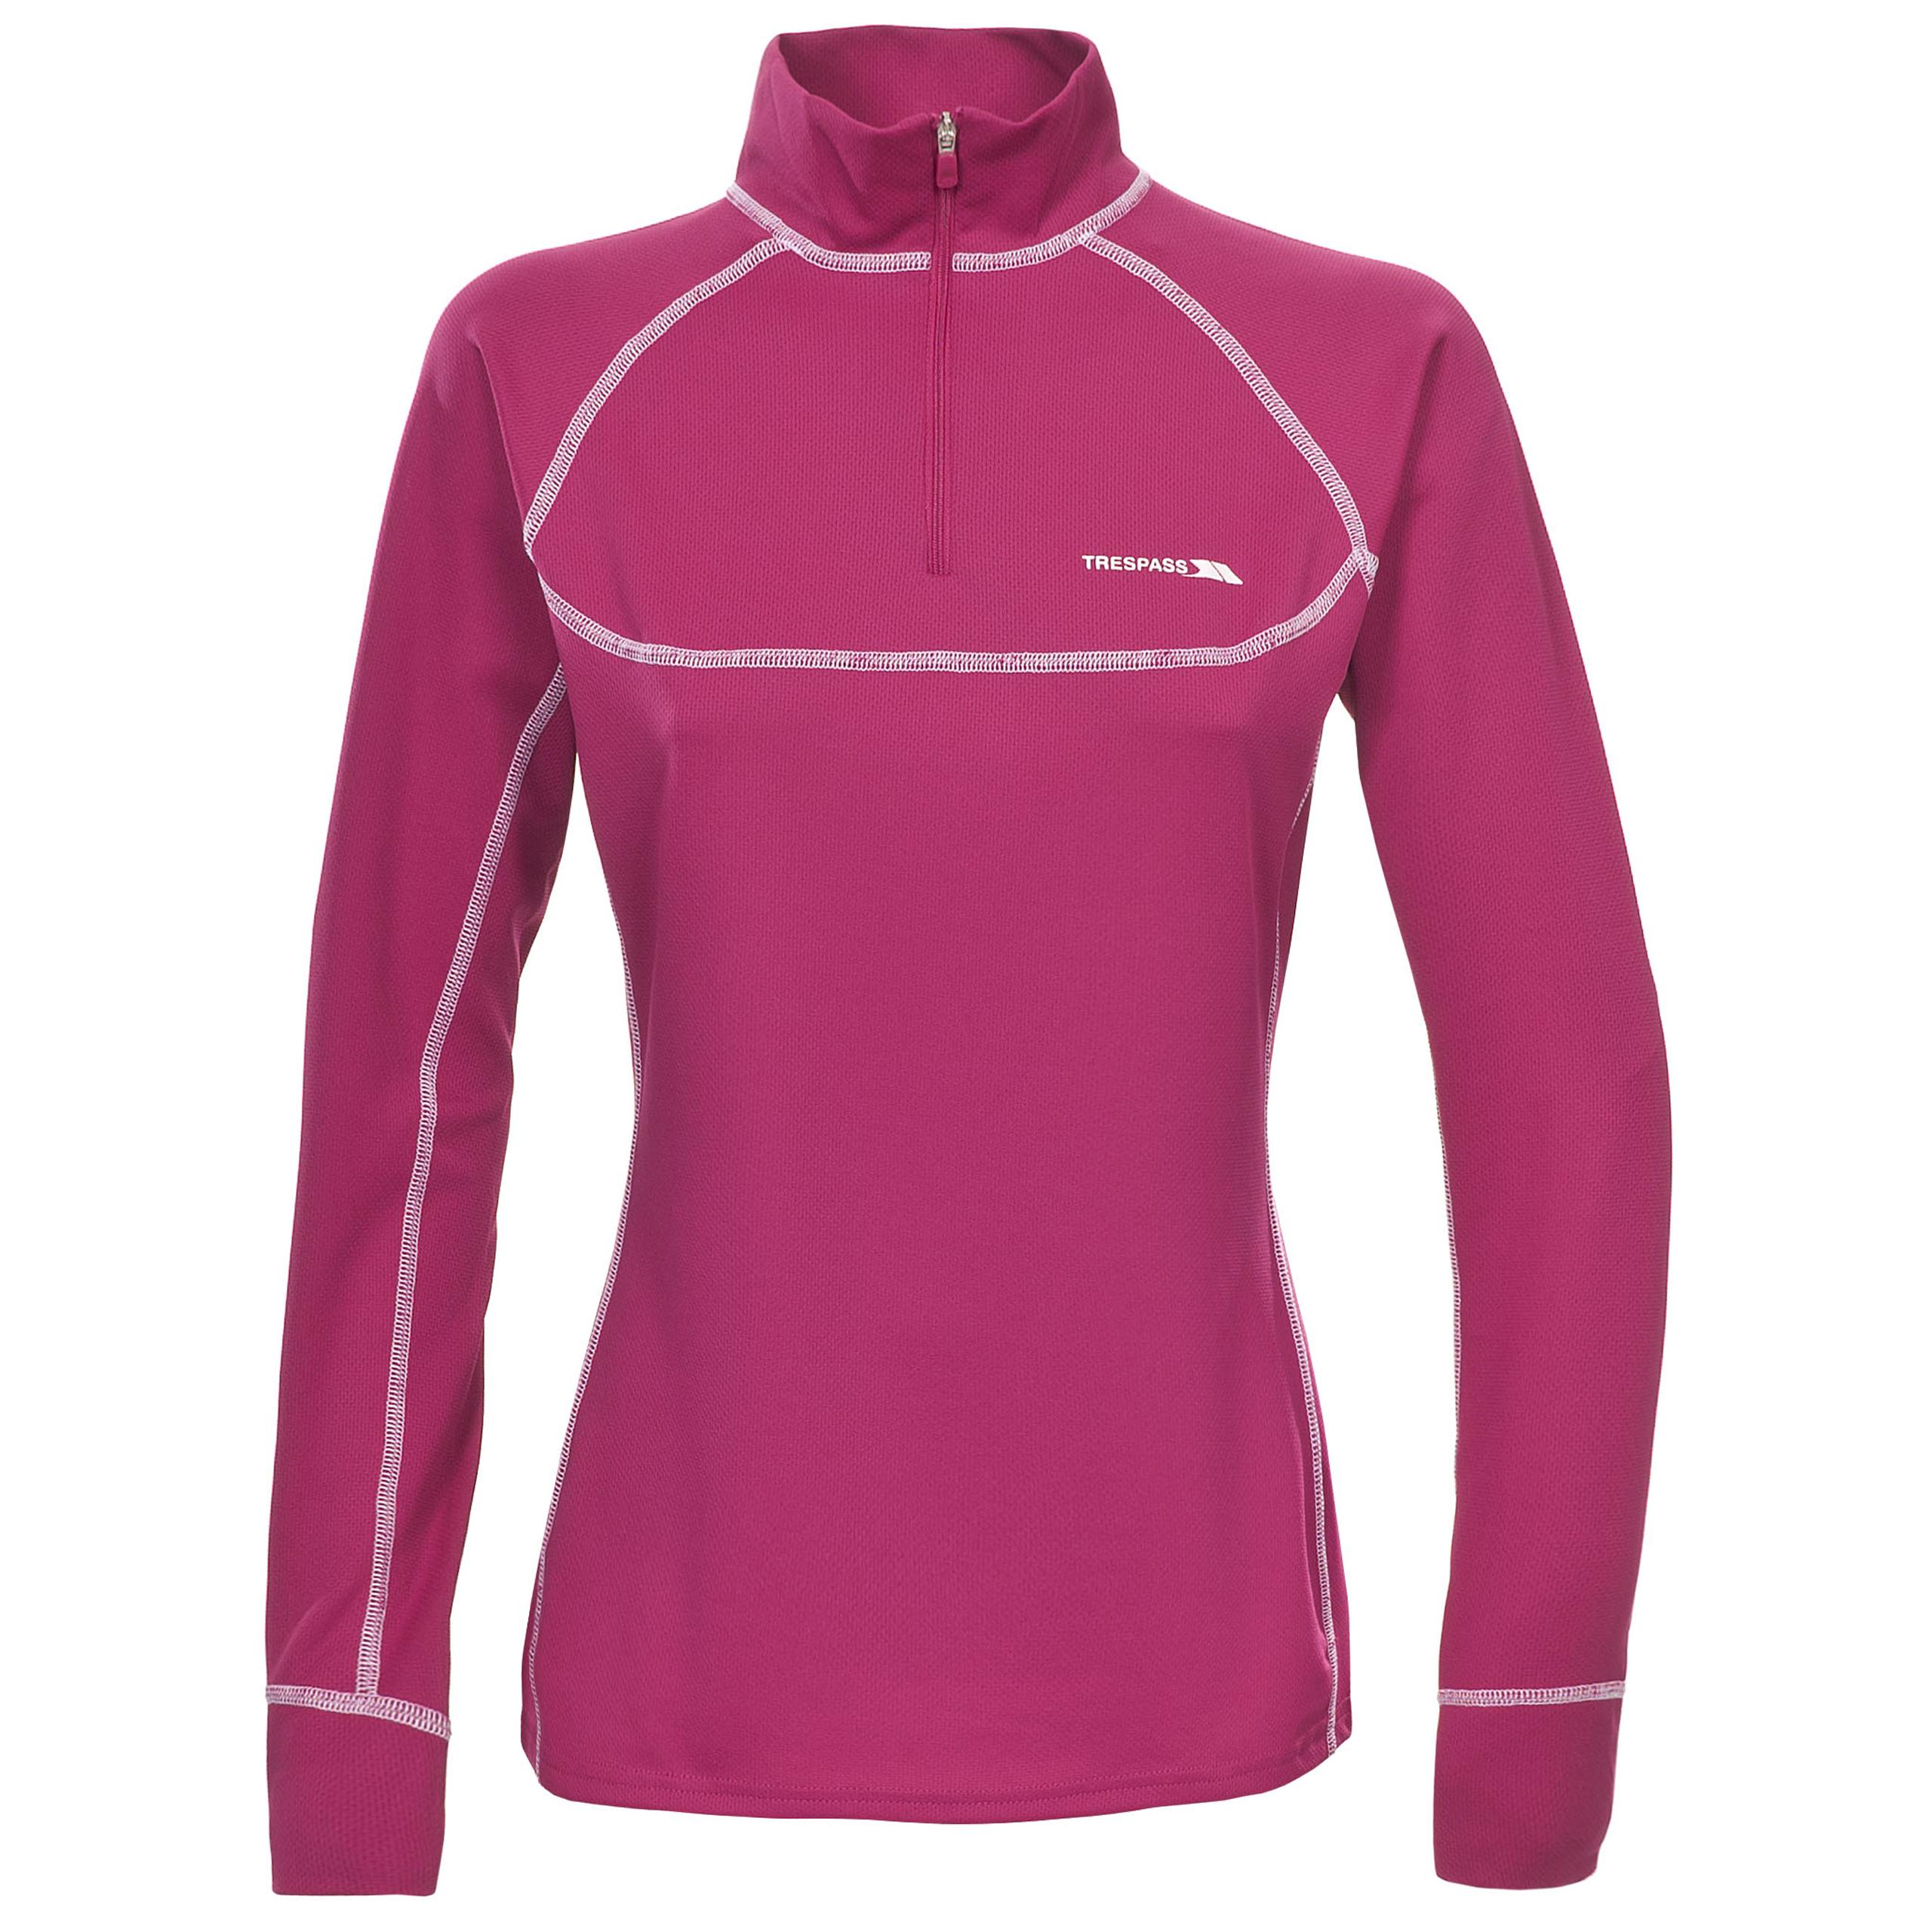 Trespass half zip neck zippit womens base layer top ebay for Womens base layer shirt